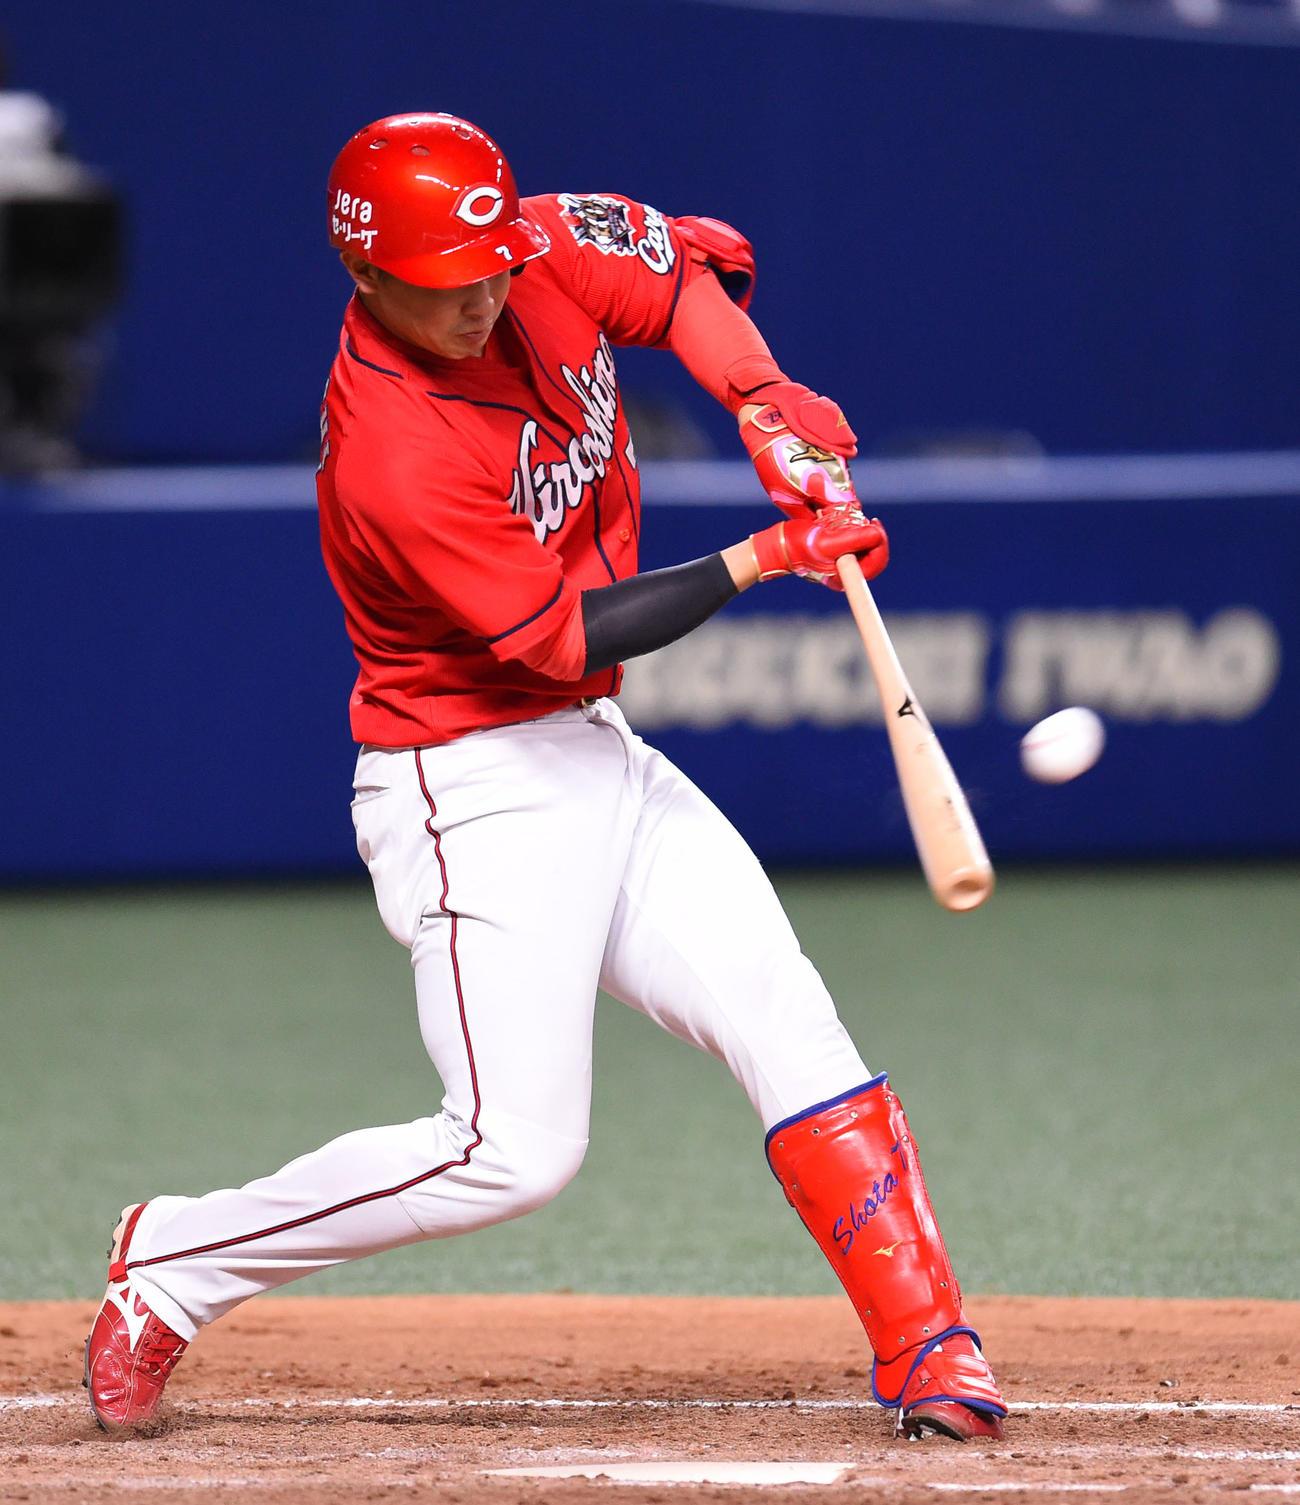 中日対広島 5回表広島1死一塁、中越え2点本塁打を放った堂林翔太(撮影・森本幸一)